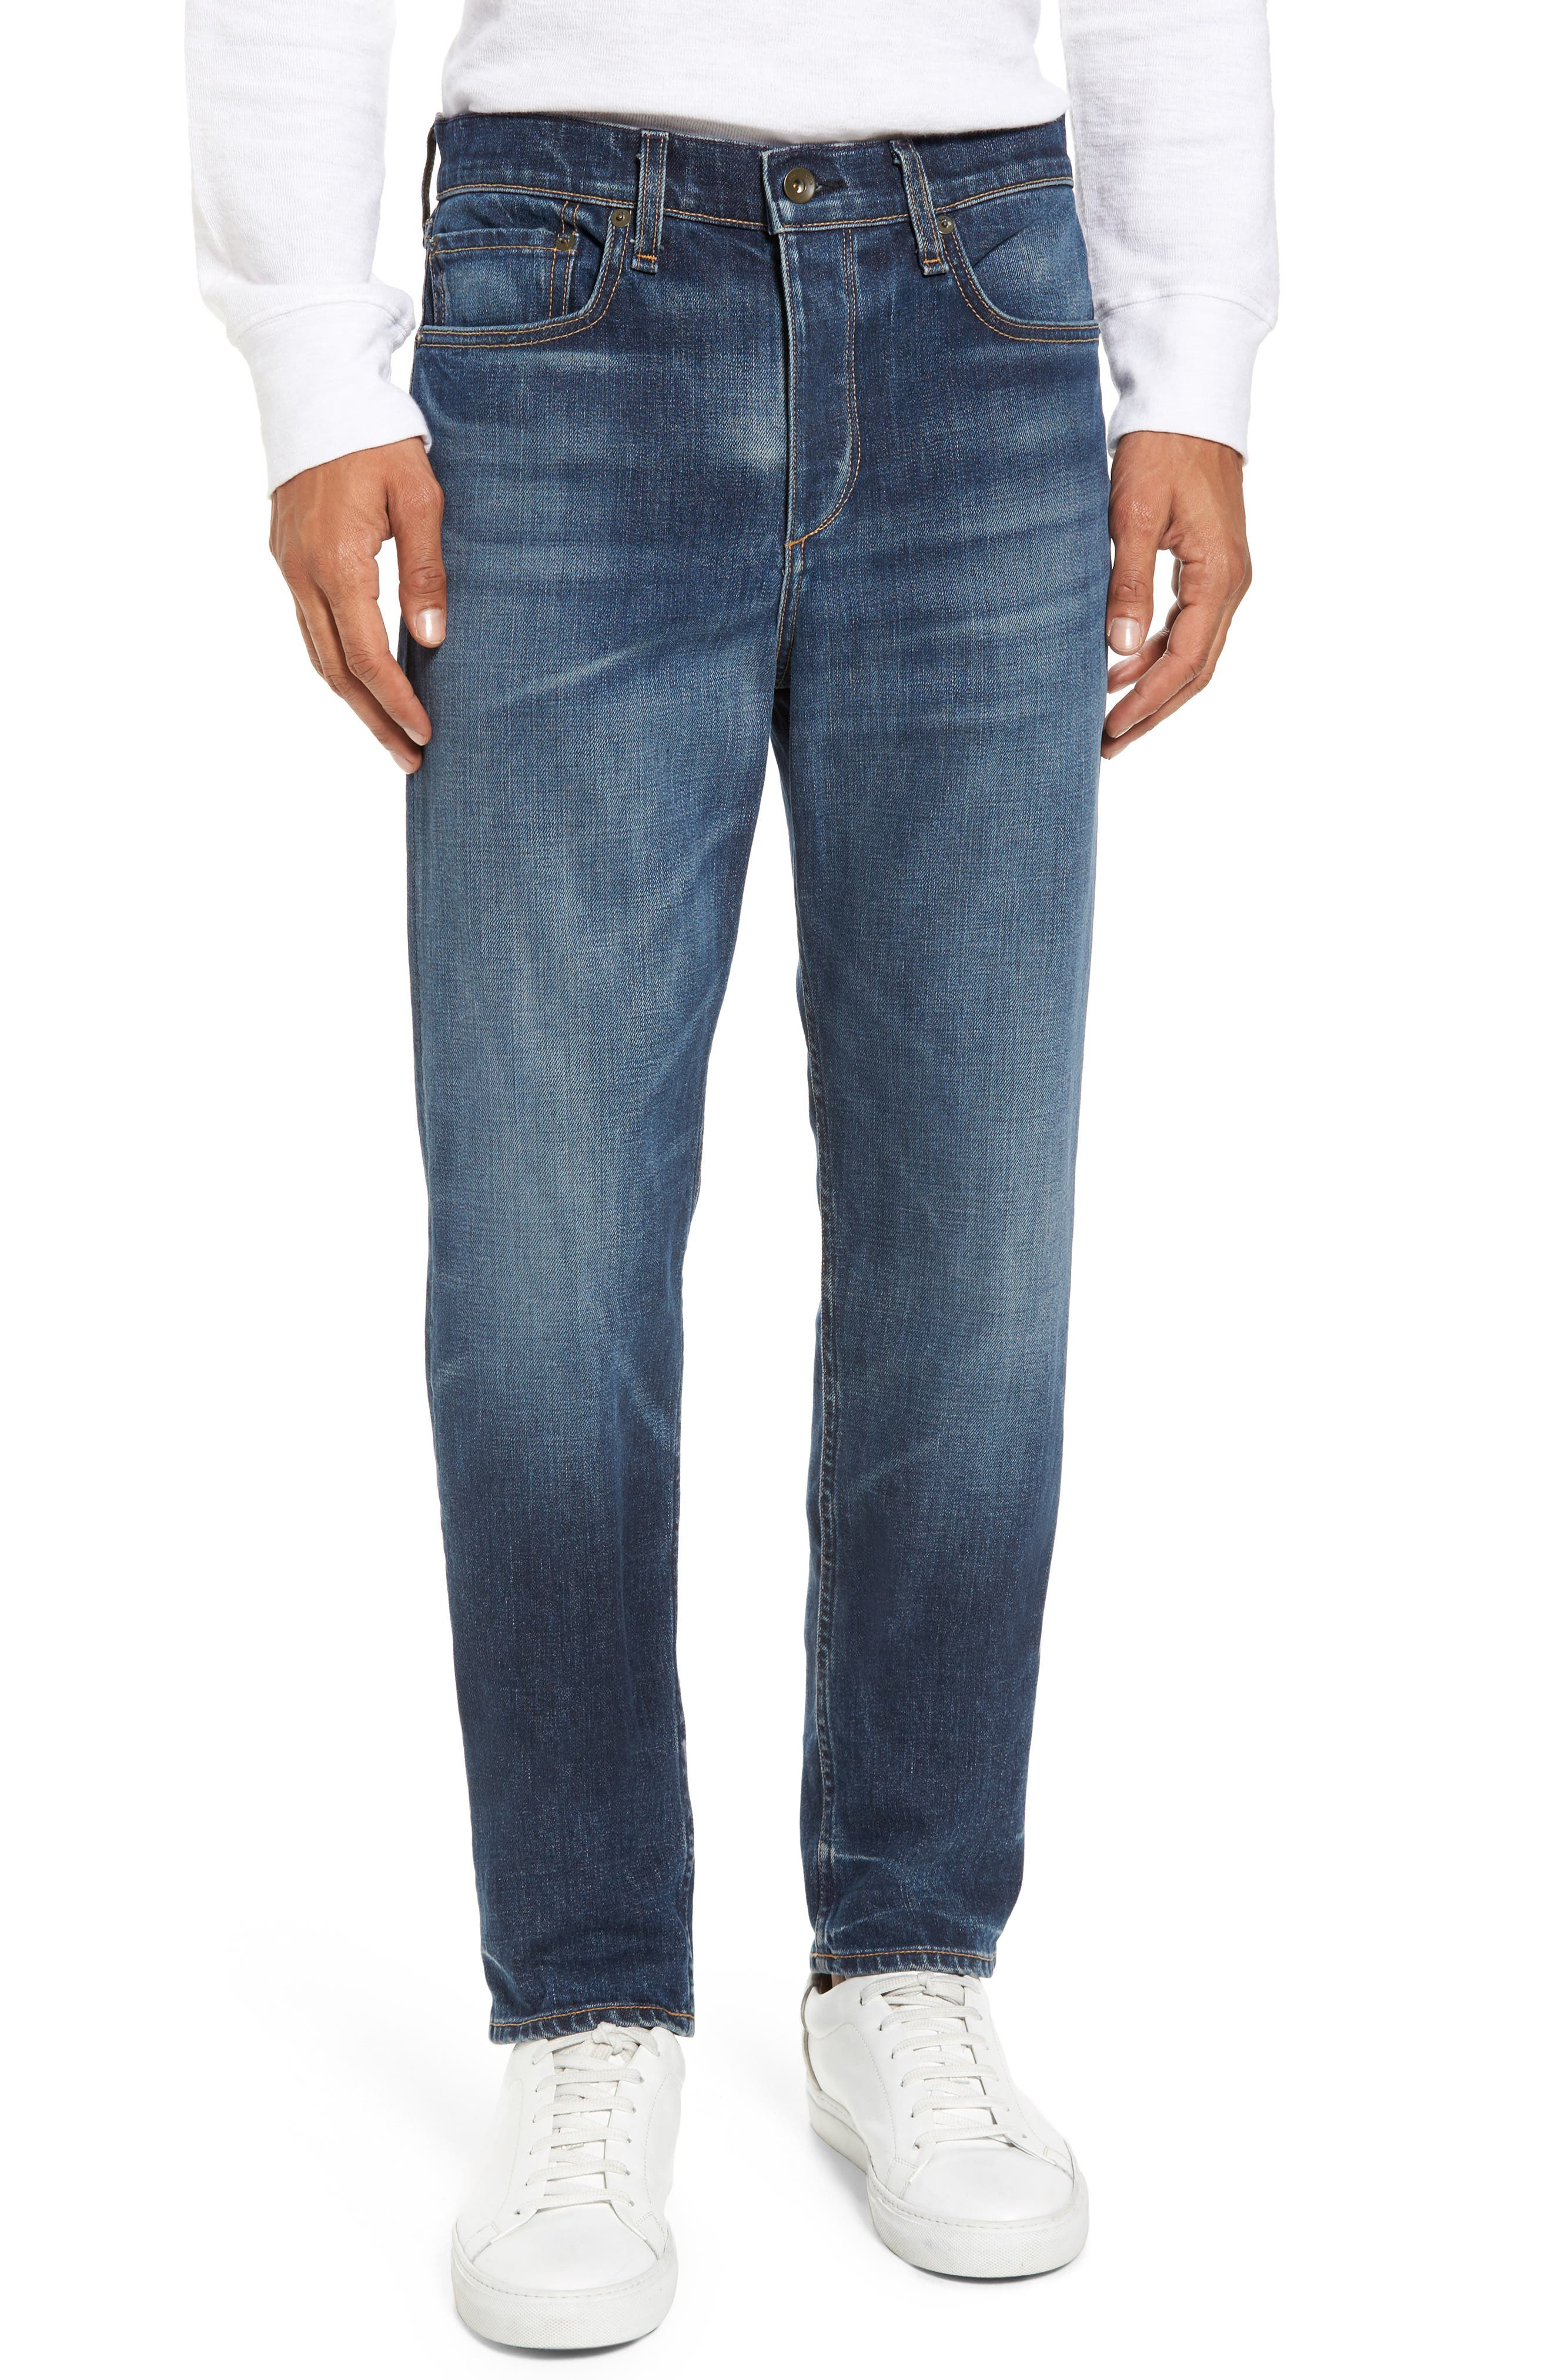 Fit 3 Slim Straight Leg Jeans,                             Main thumbnail 1, color,                             Linden